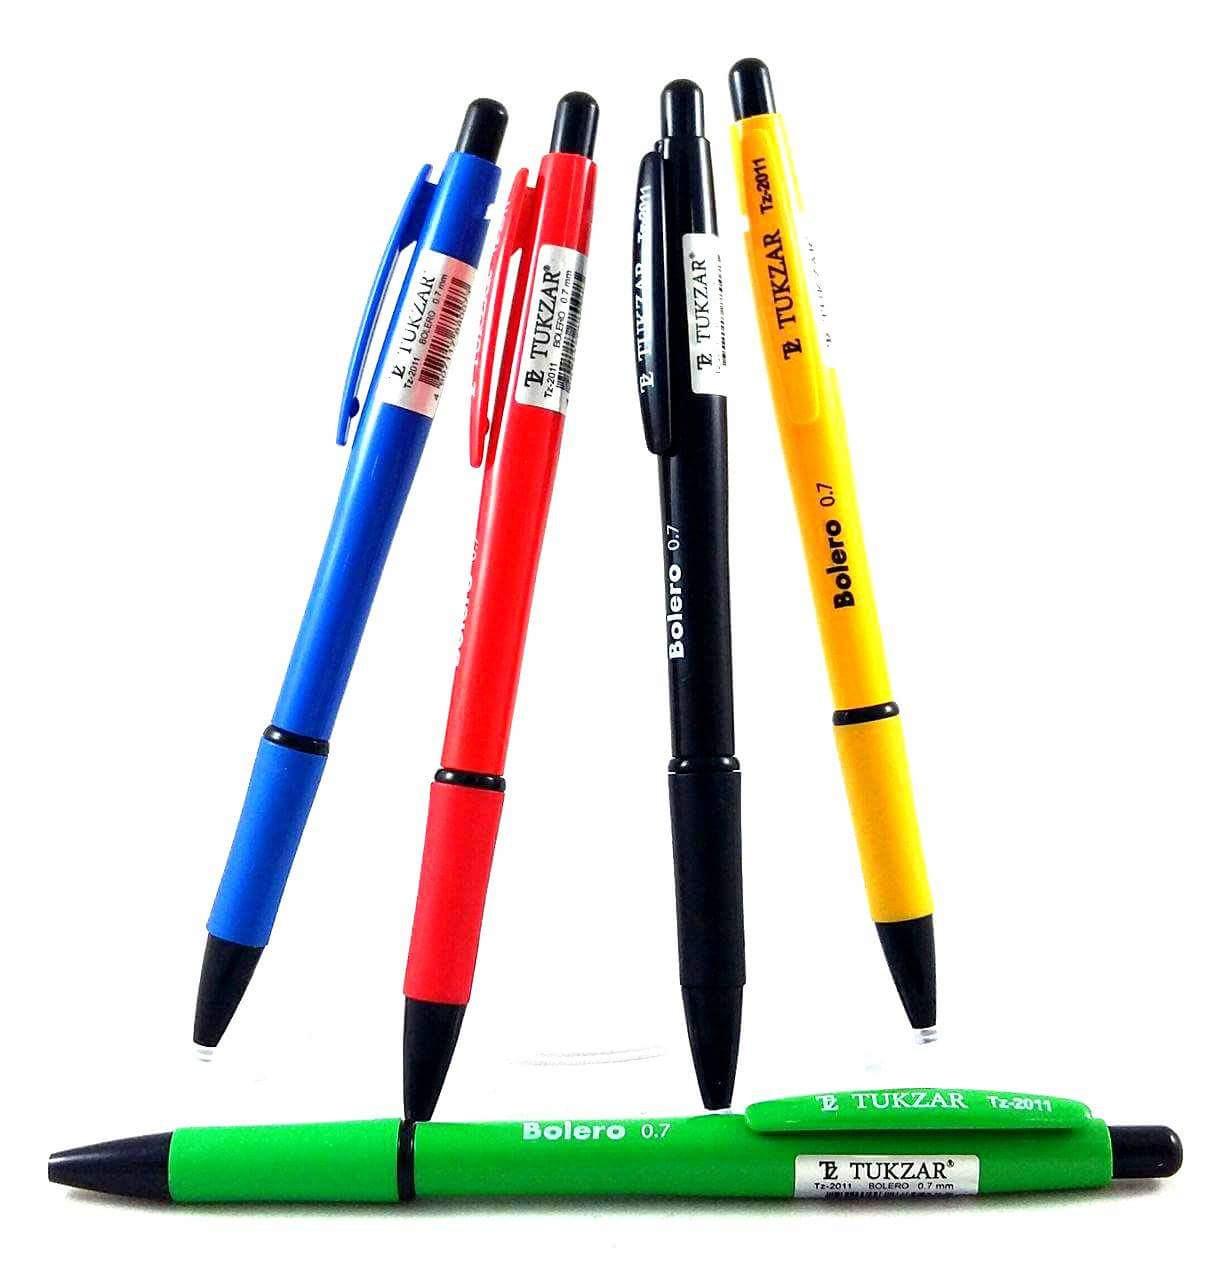 Ручка шариковая автоматическая Tukzar Bolero TZ-2011